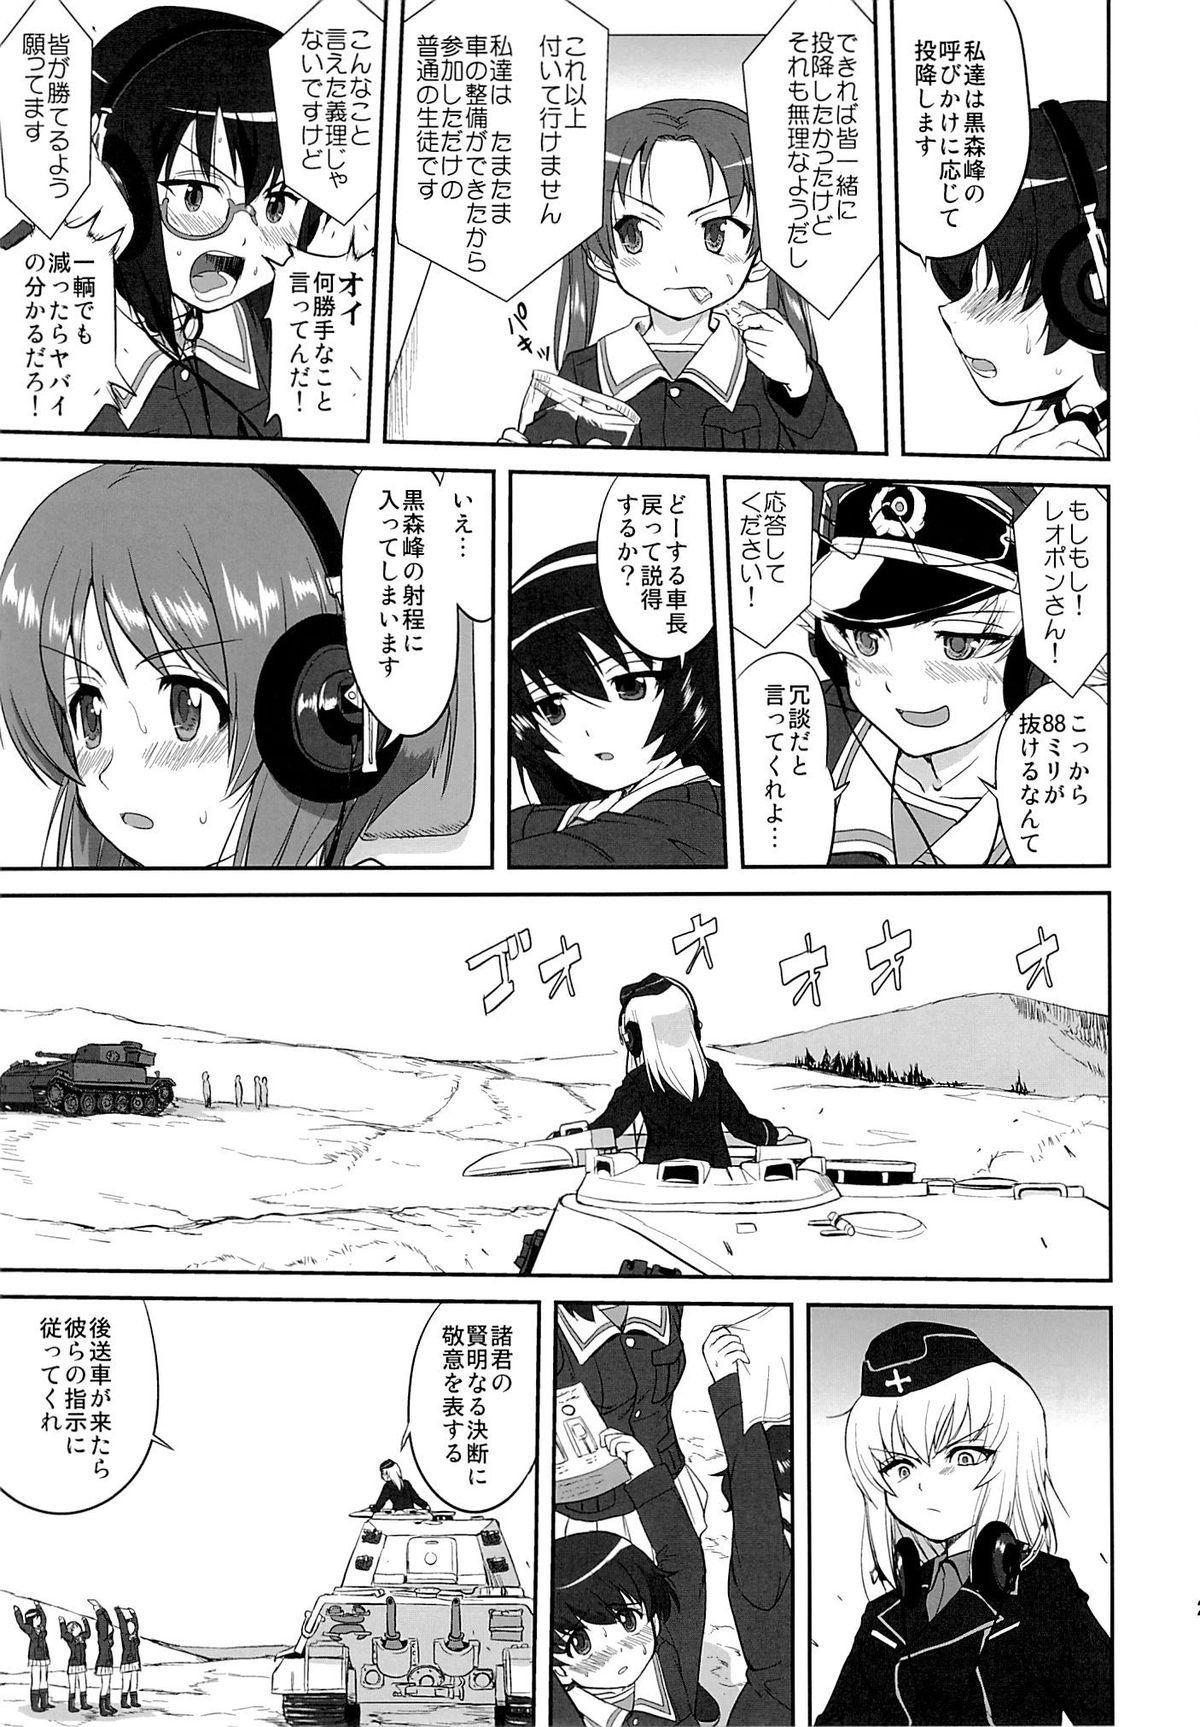 Yukiyukite Senshadou Kuromorimine no Tatakai 23